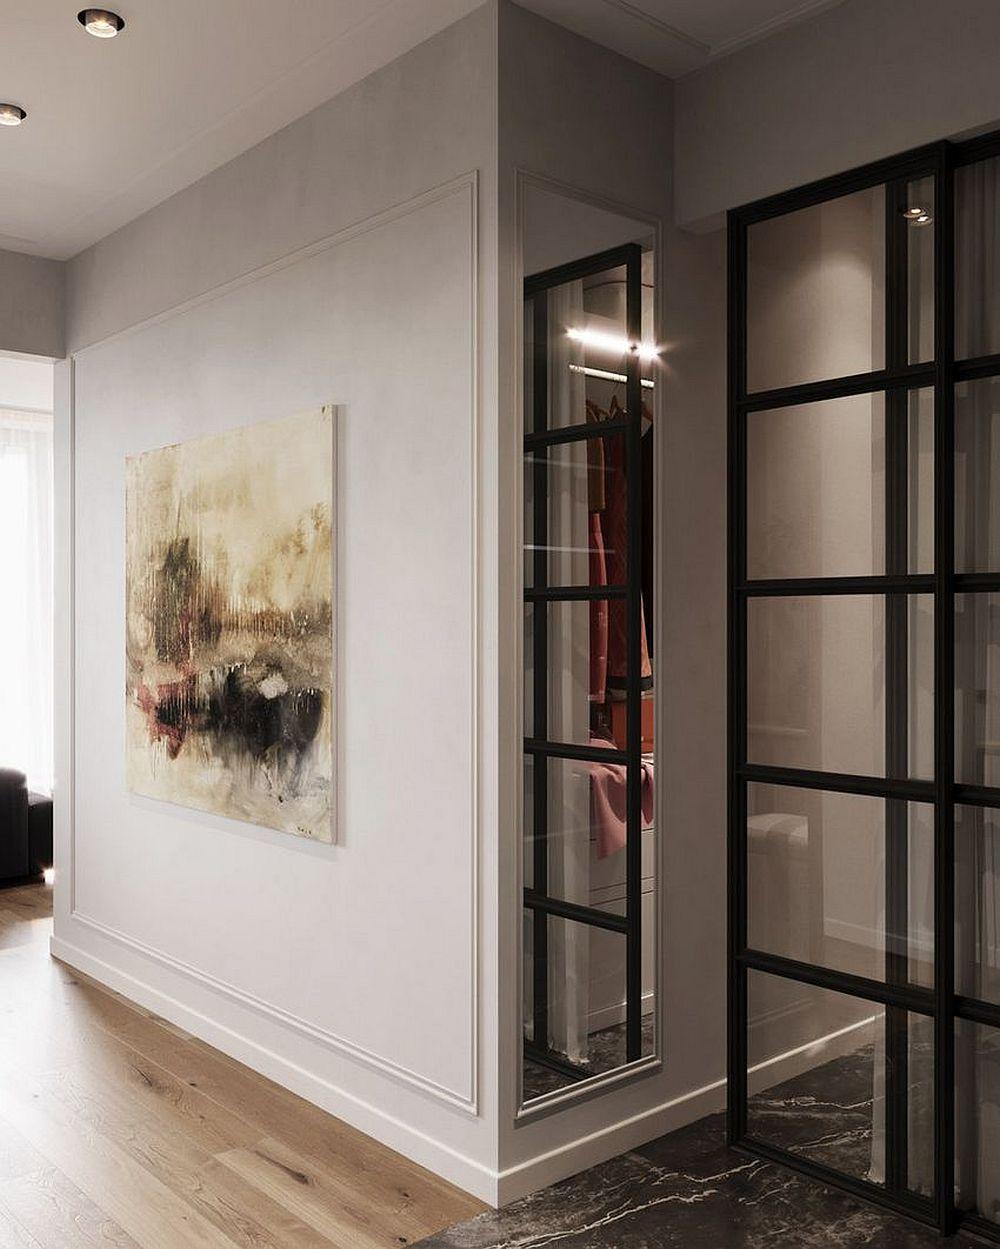 Imediat în apropierea dressingului a fost montată o oglindă, prin care modelul ușii dressingului se repetă ceea ce dă iluzia unui spațiu mai variat.